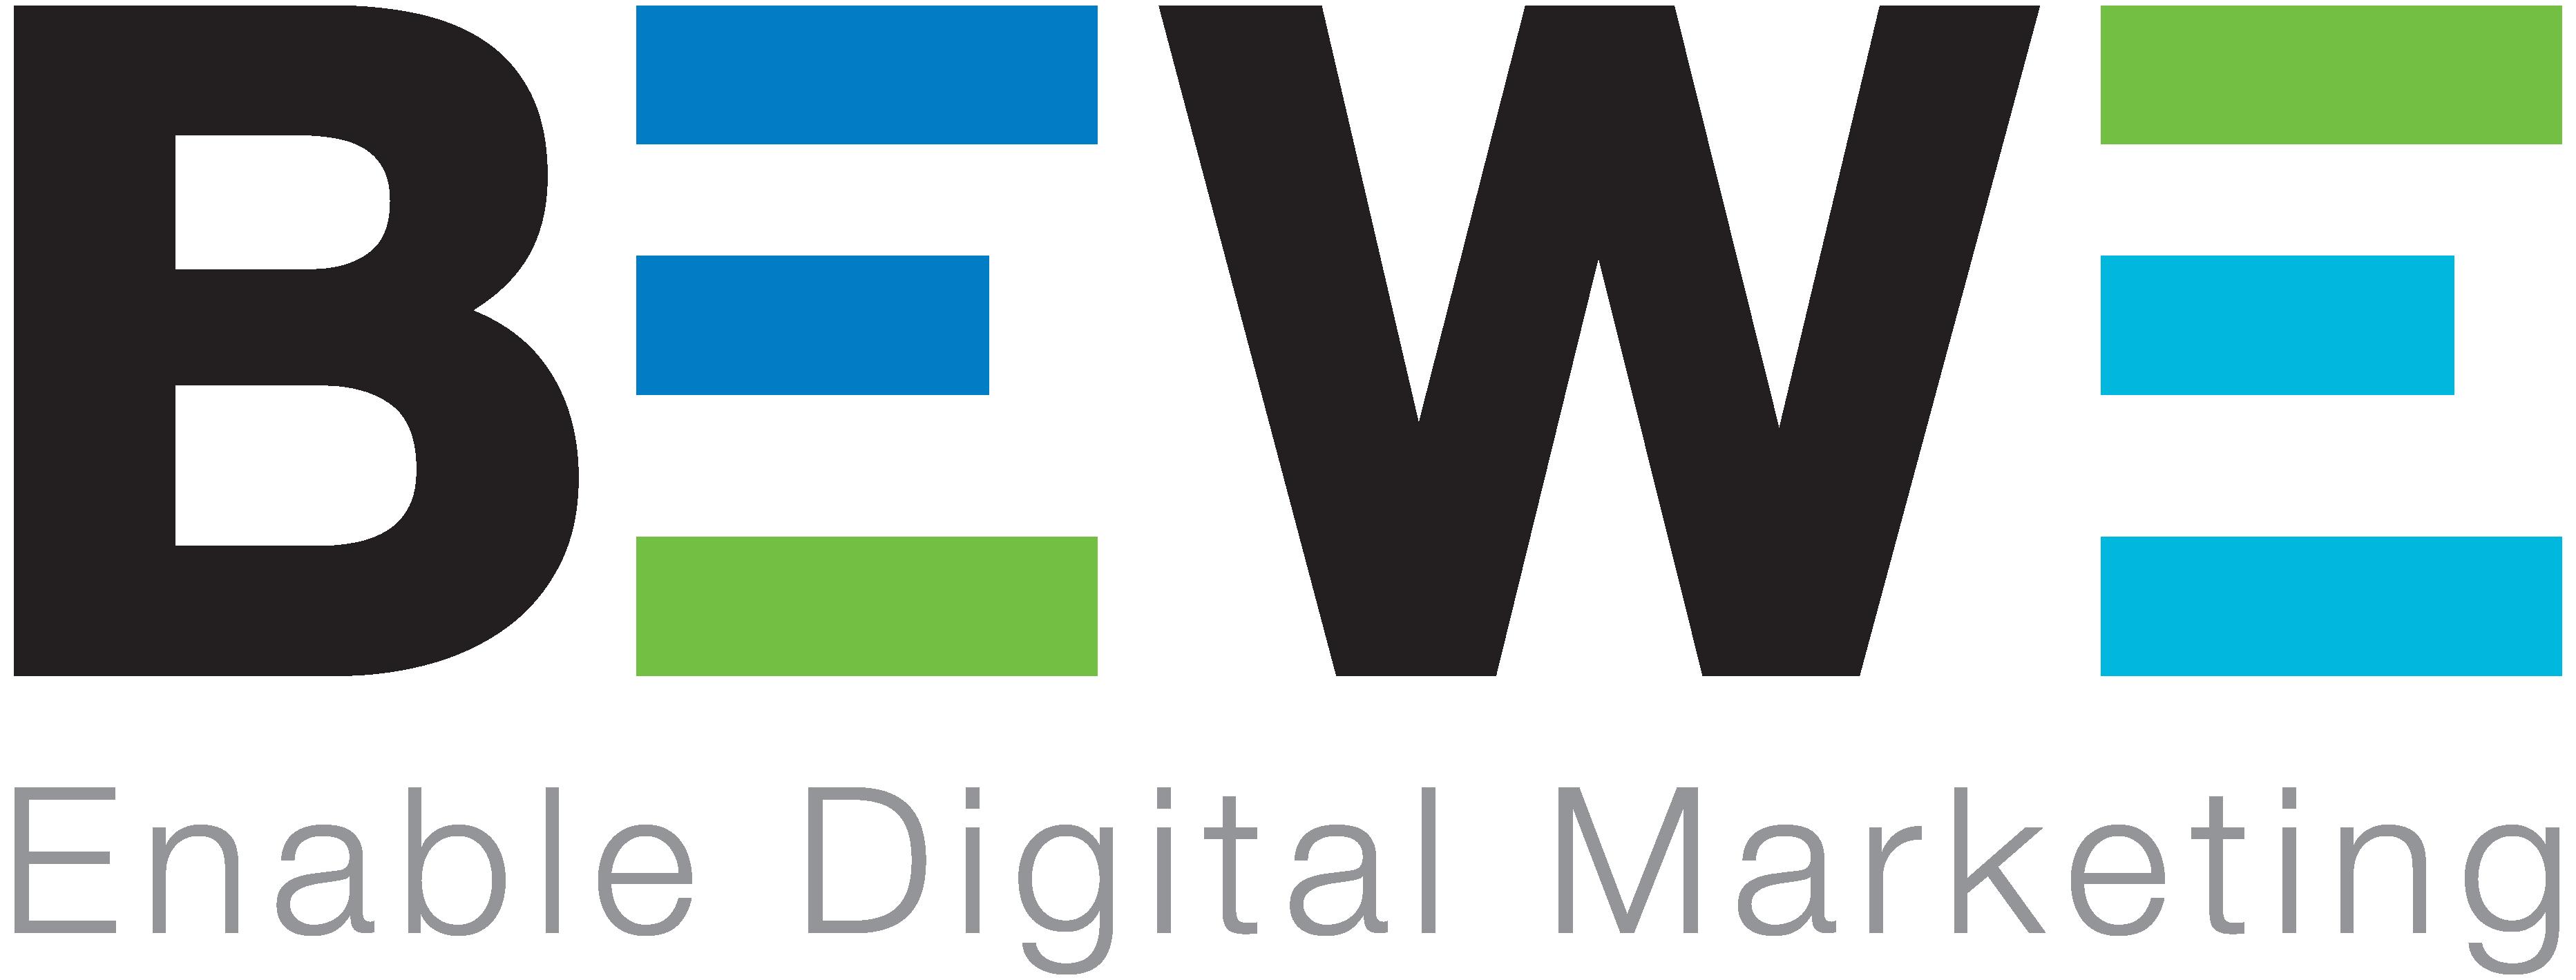 Digital Agency Milano - BEWE